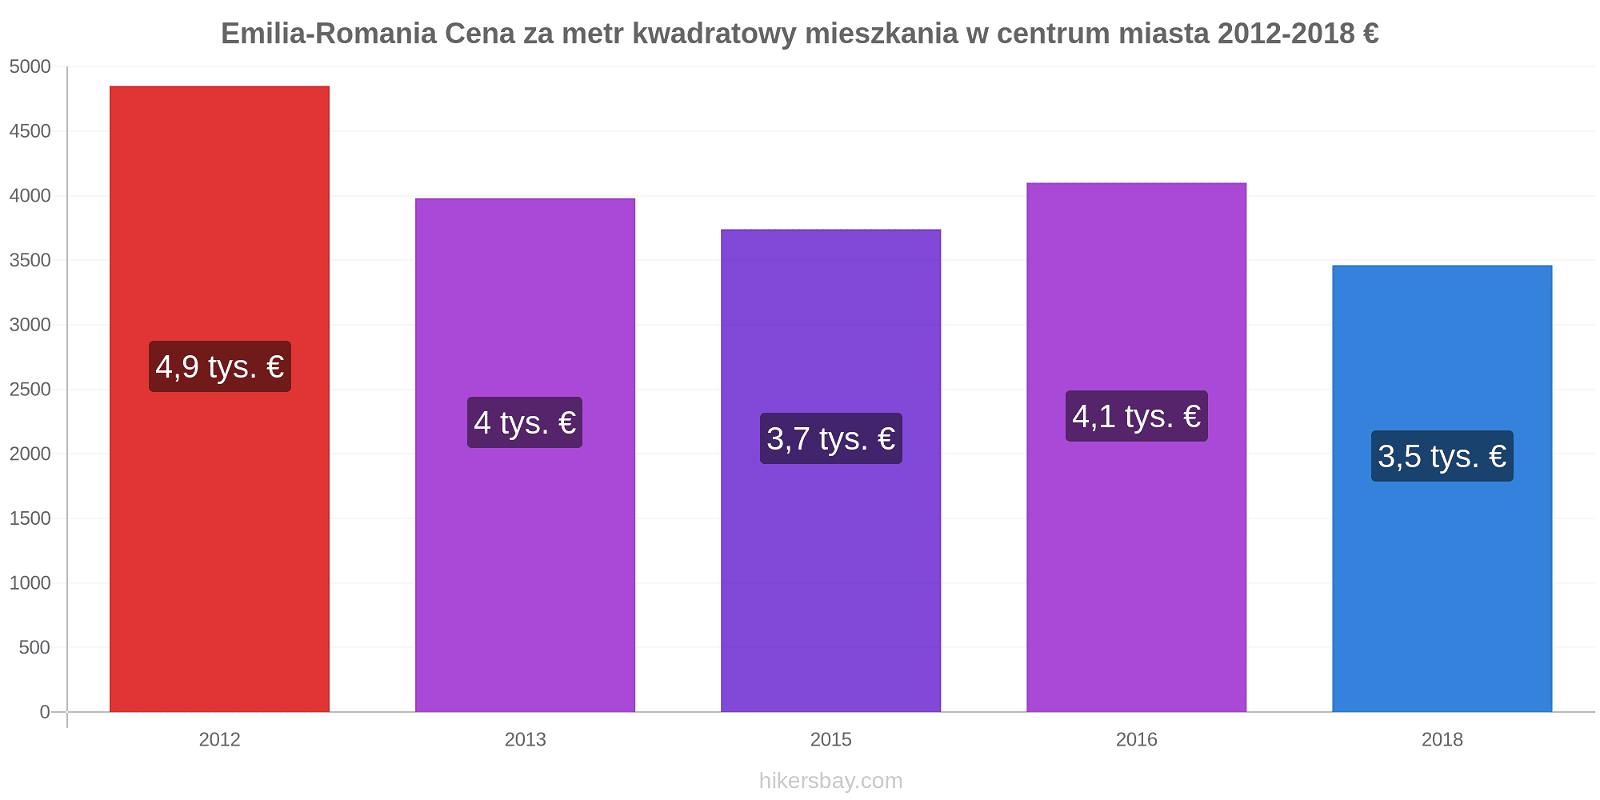 Emilia-Romania zmiany cen Cena za metr kwadratowy mieszkania w centrum miasta hikersbay.com